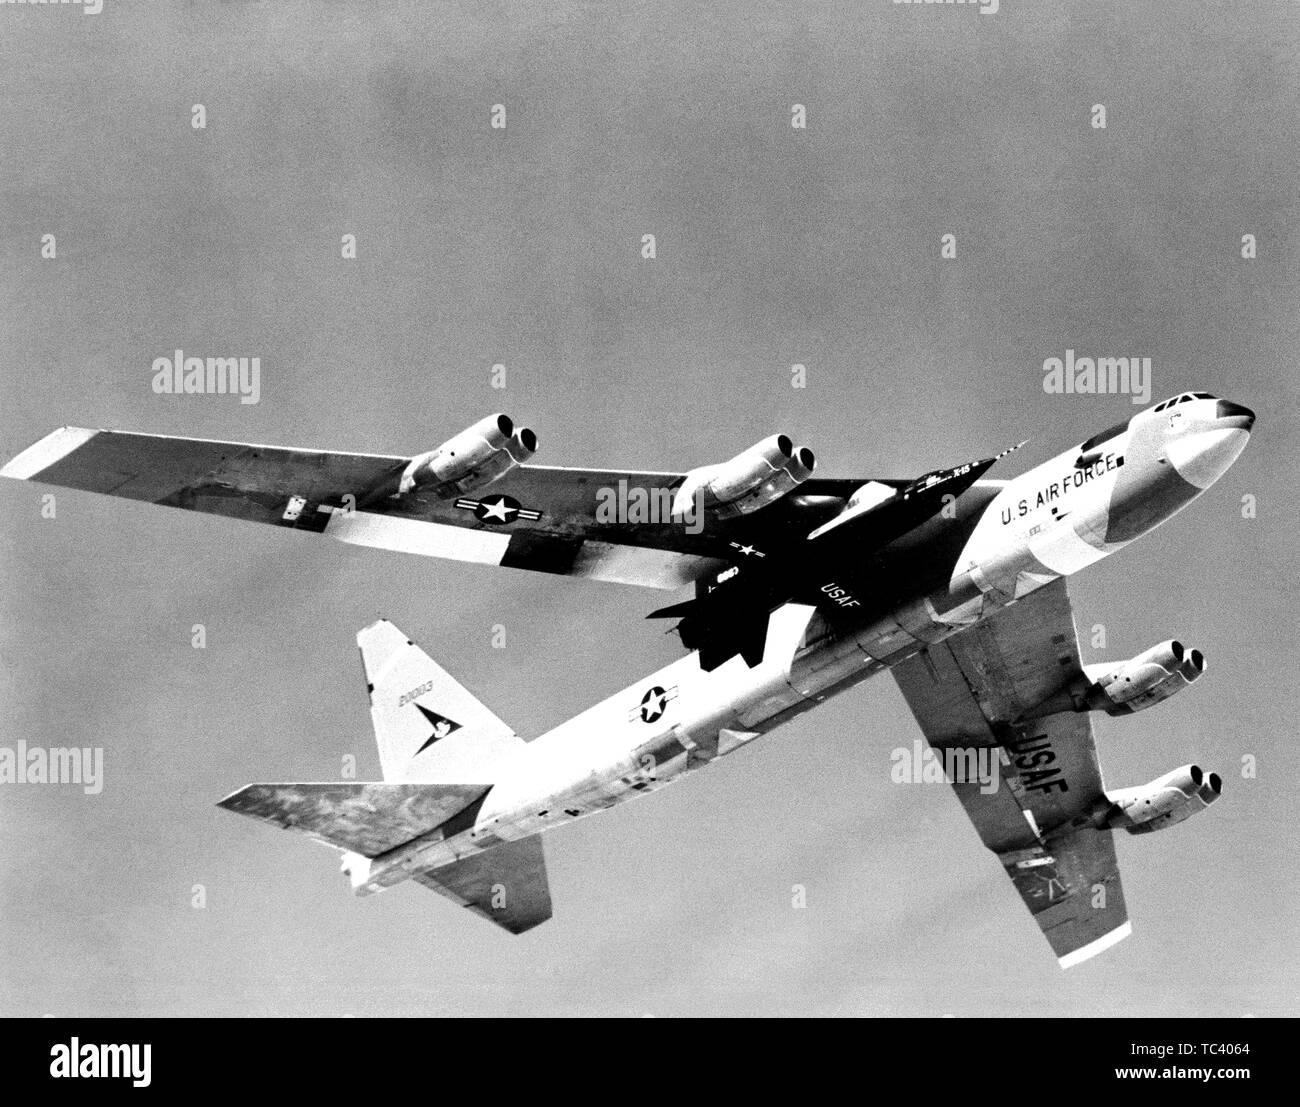 X-15 Rakete-betriebene Forschungsflugzeug ist aloft unter die Fittiche der B-52-Mutterschiff, 1959 durchgeführt. Mit freundlicher Genehmigung der Nationalen Luft- und Raumfahrtbehörde (NASA). () Stockfoto